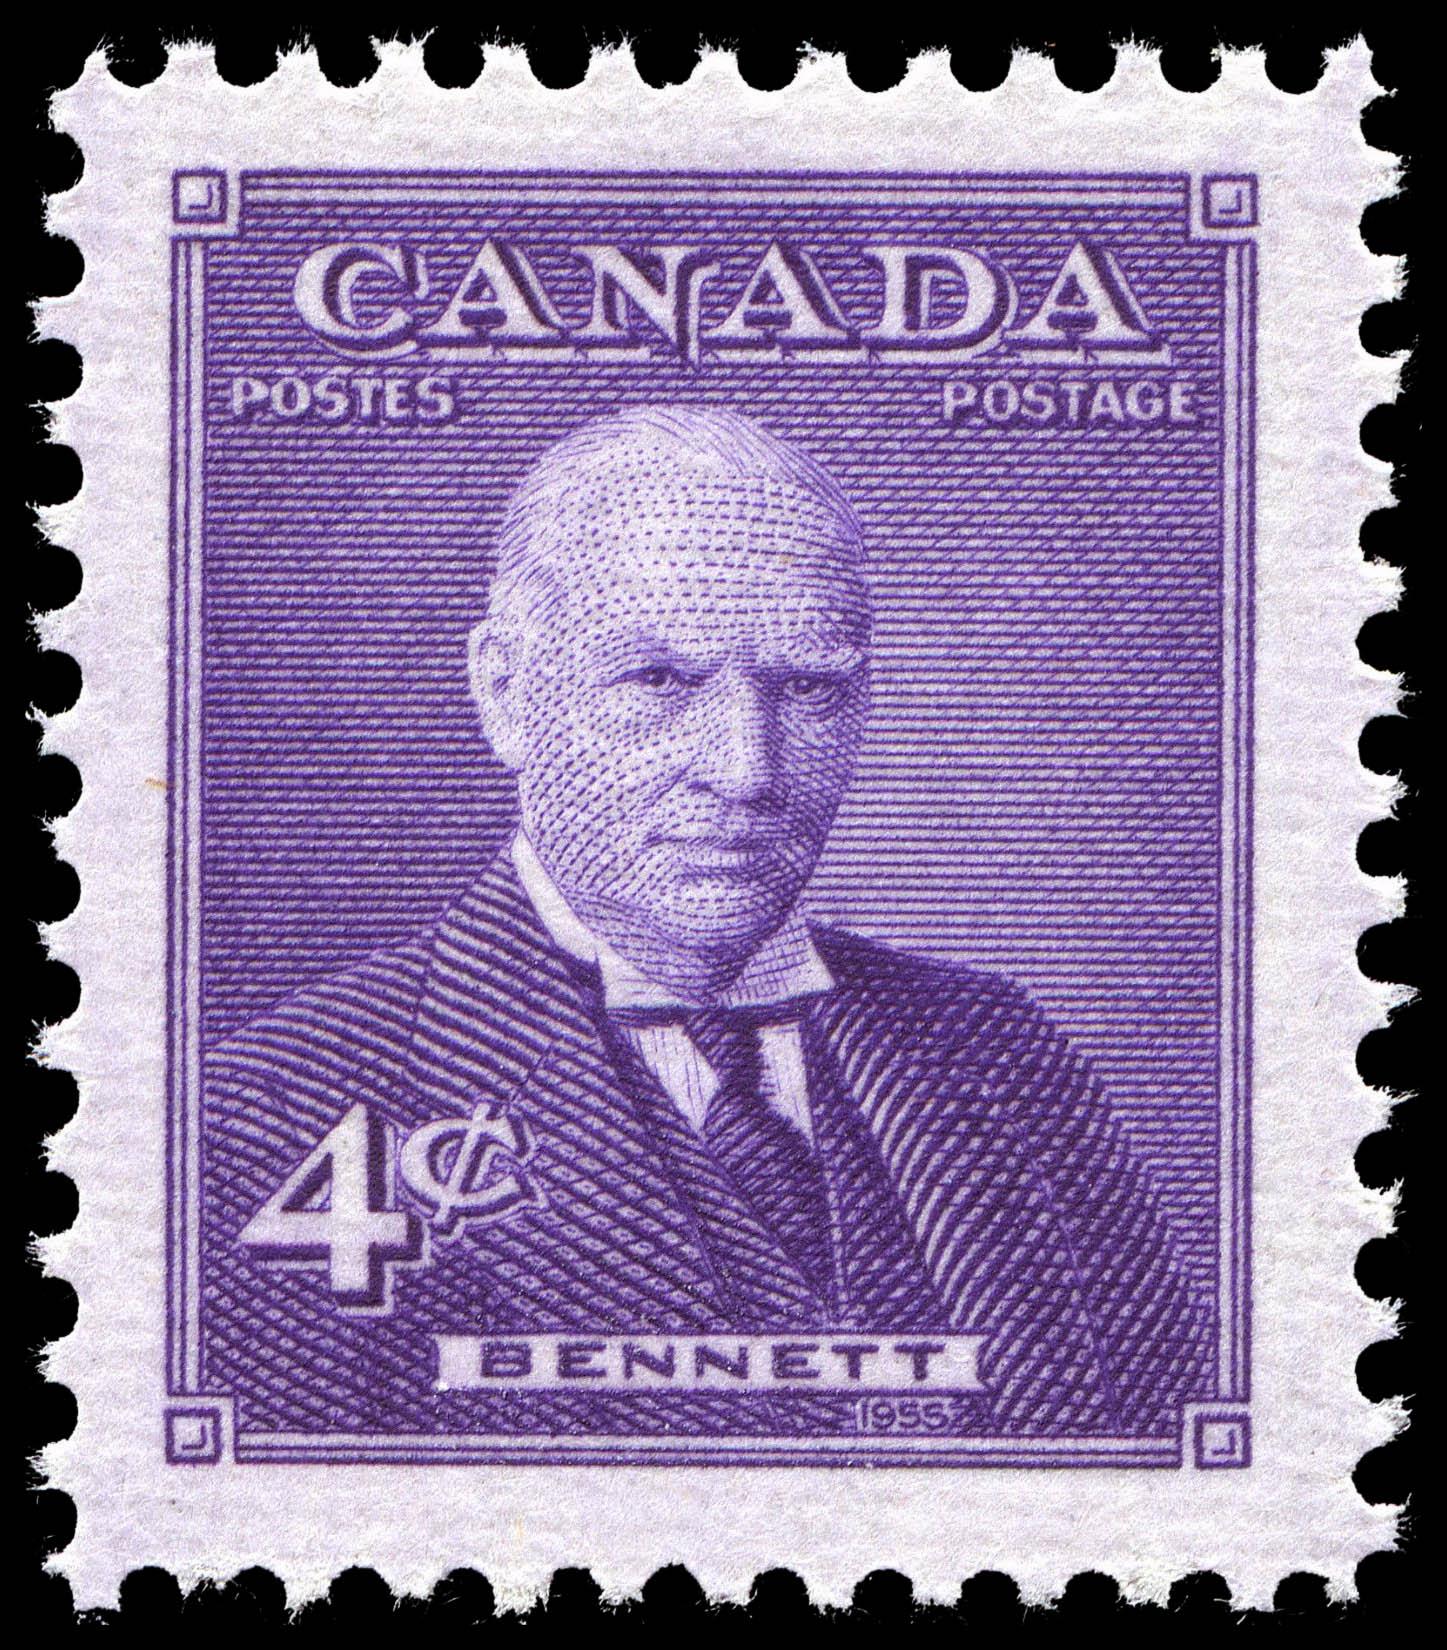 Bennett Canada Postage Stamp